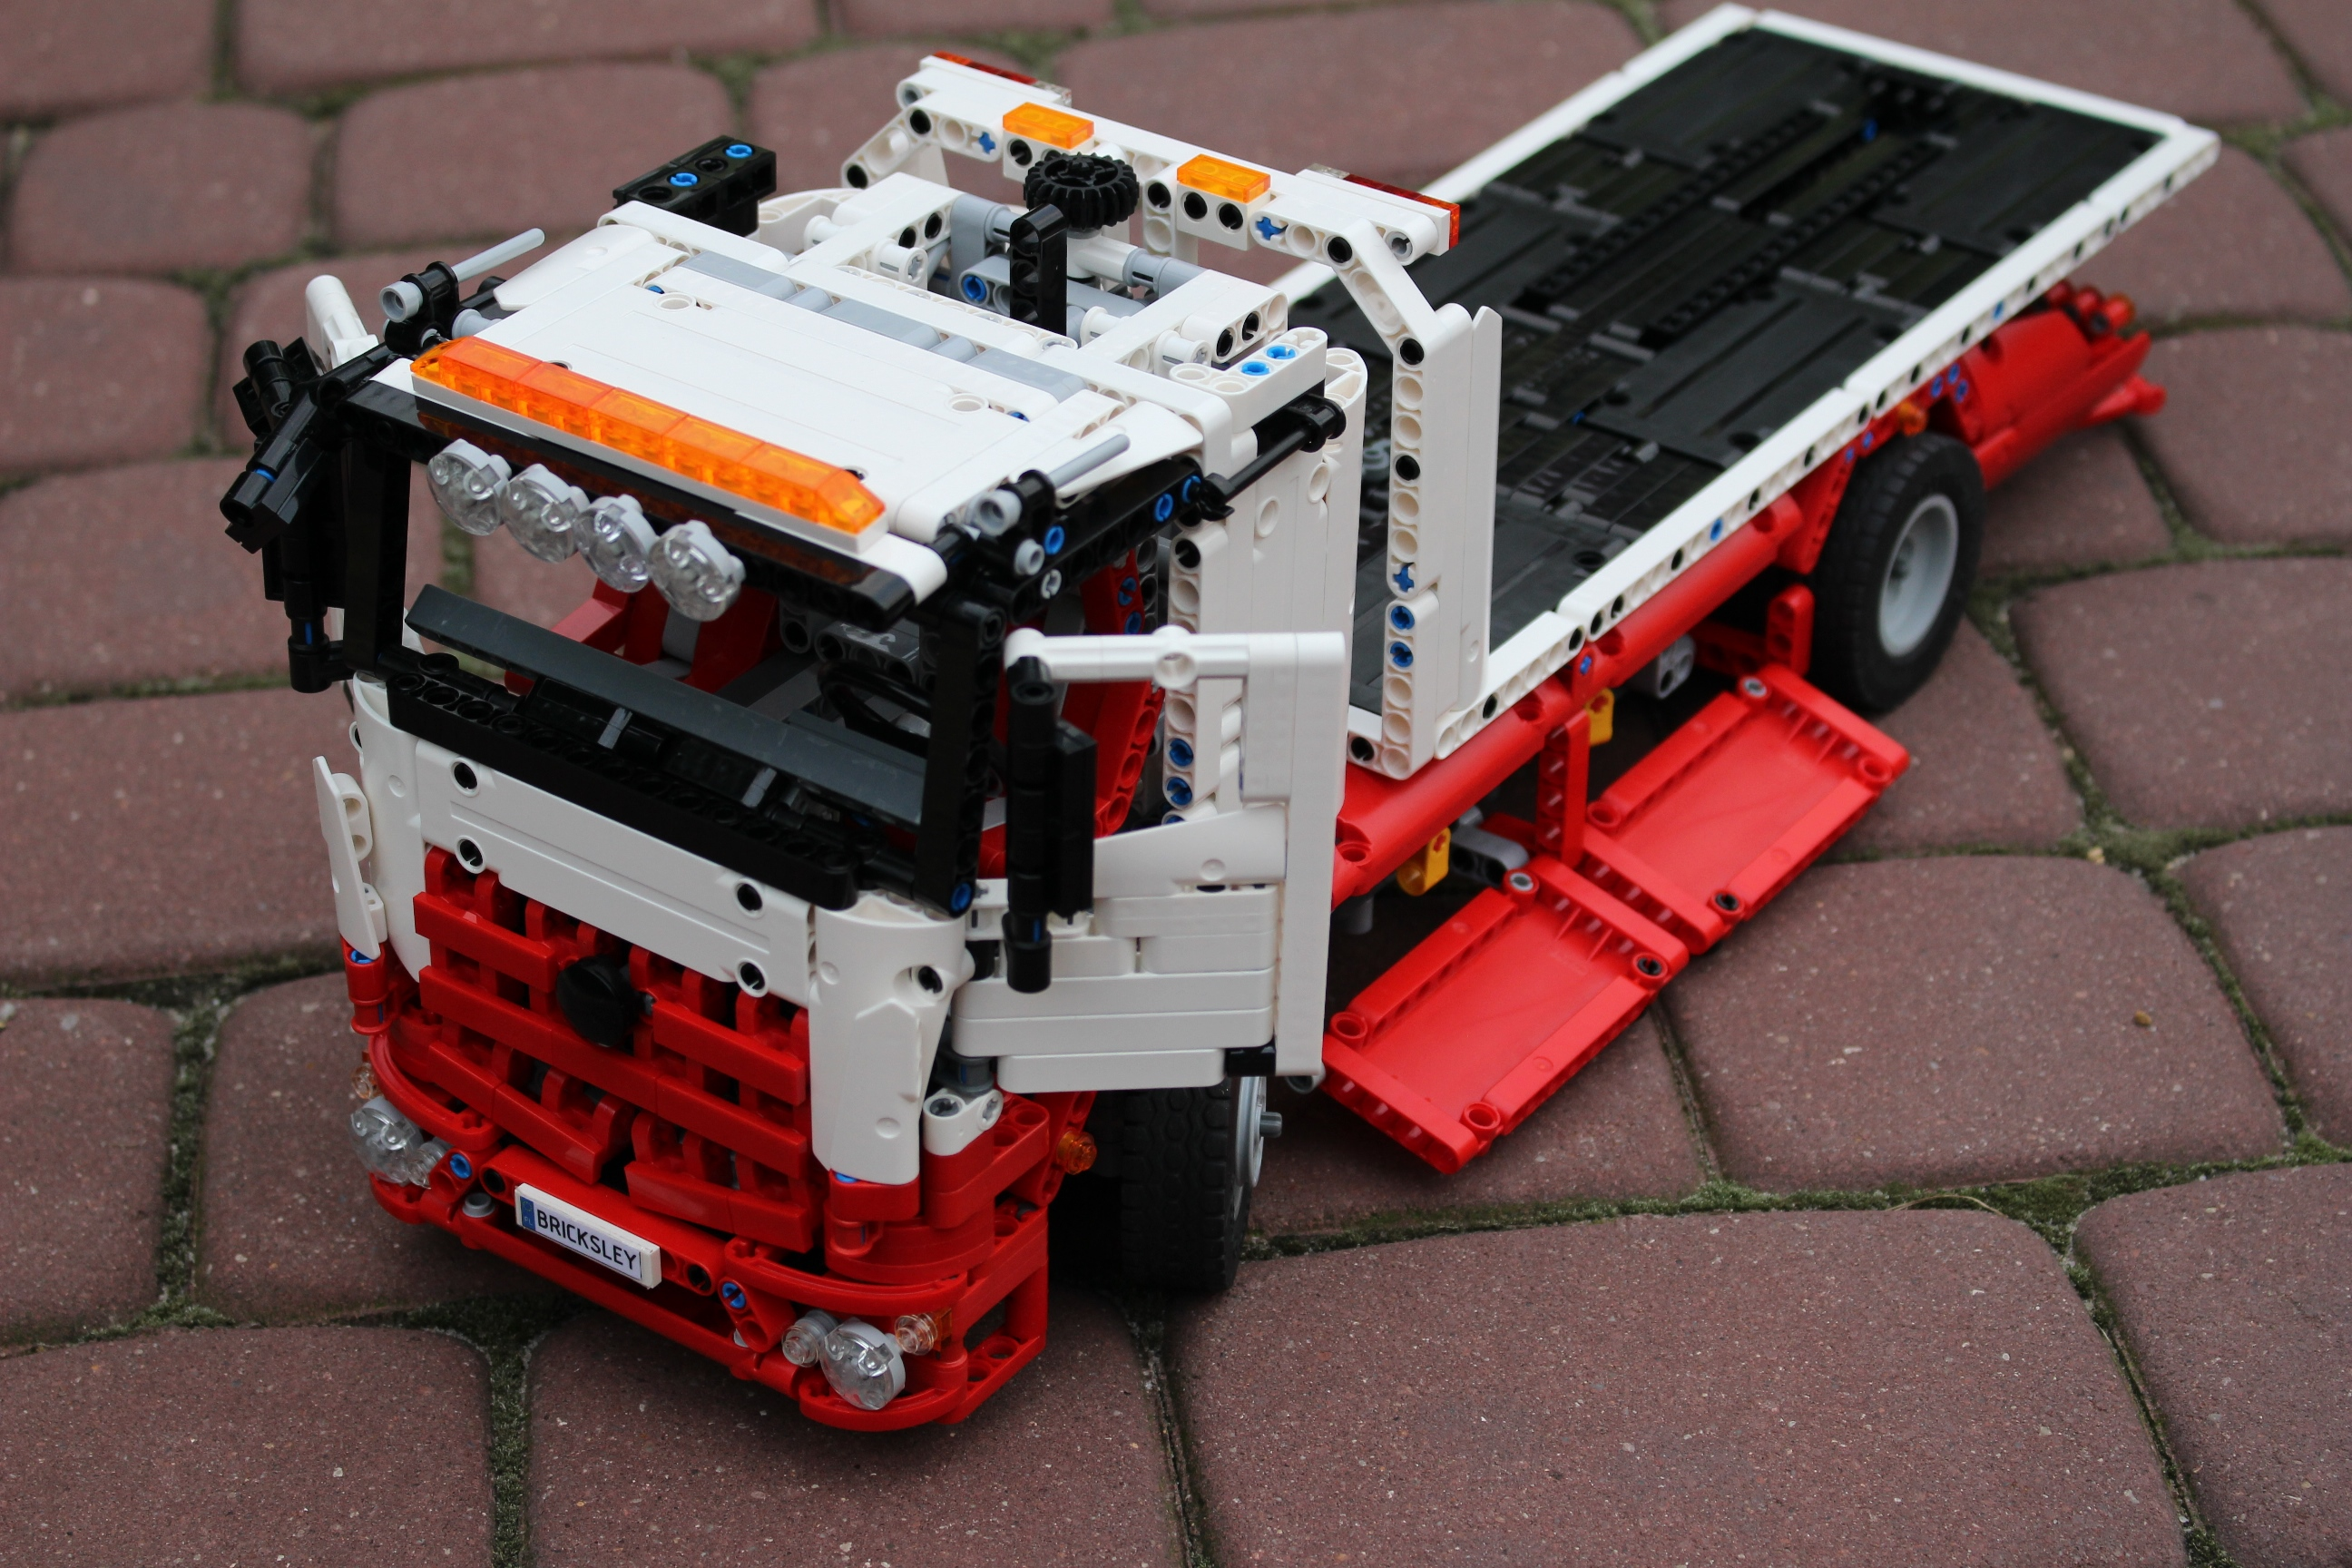 moc flatbed recovery truck lego technic mindstorms model team eurobricks forums. Black Bedroom Furniture Sets. Home Design Ideas